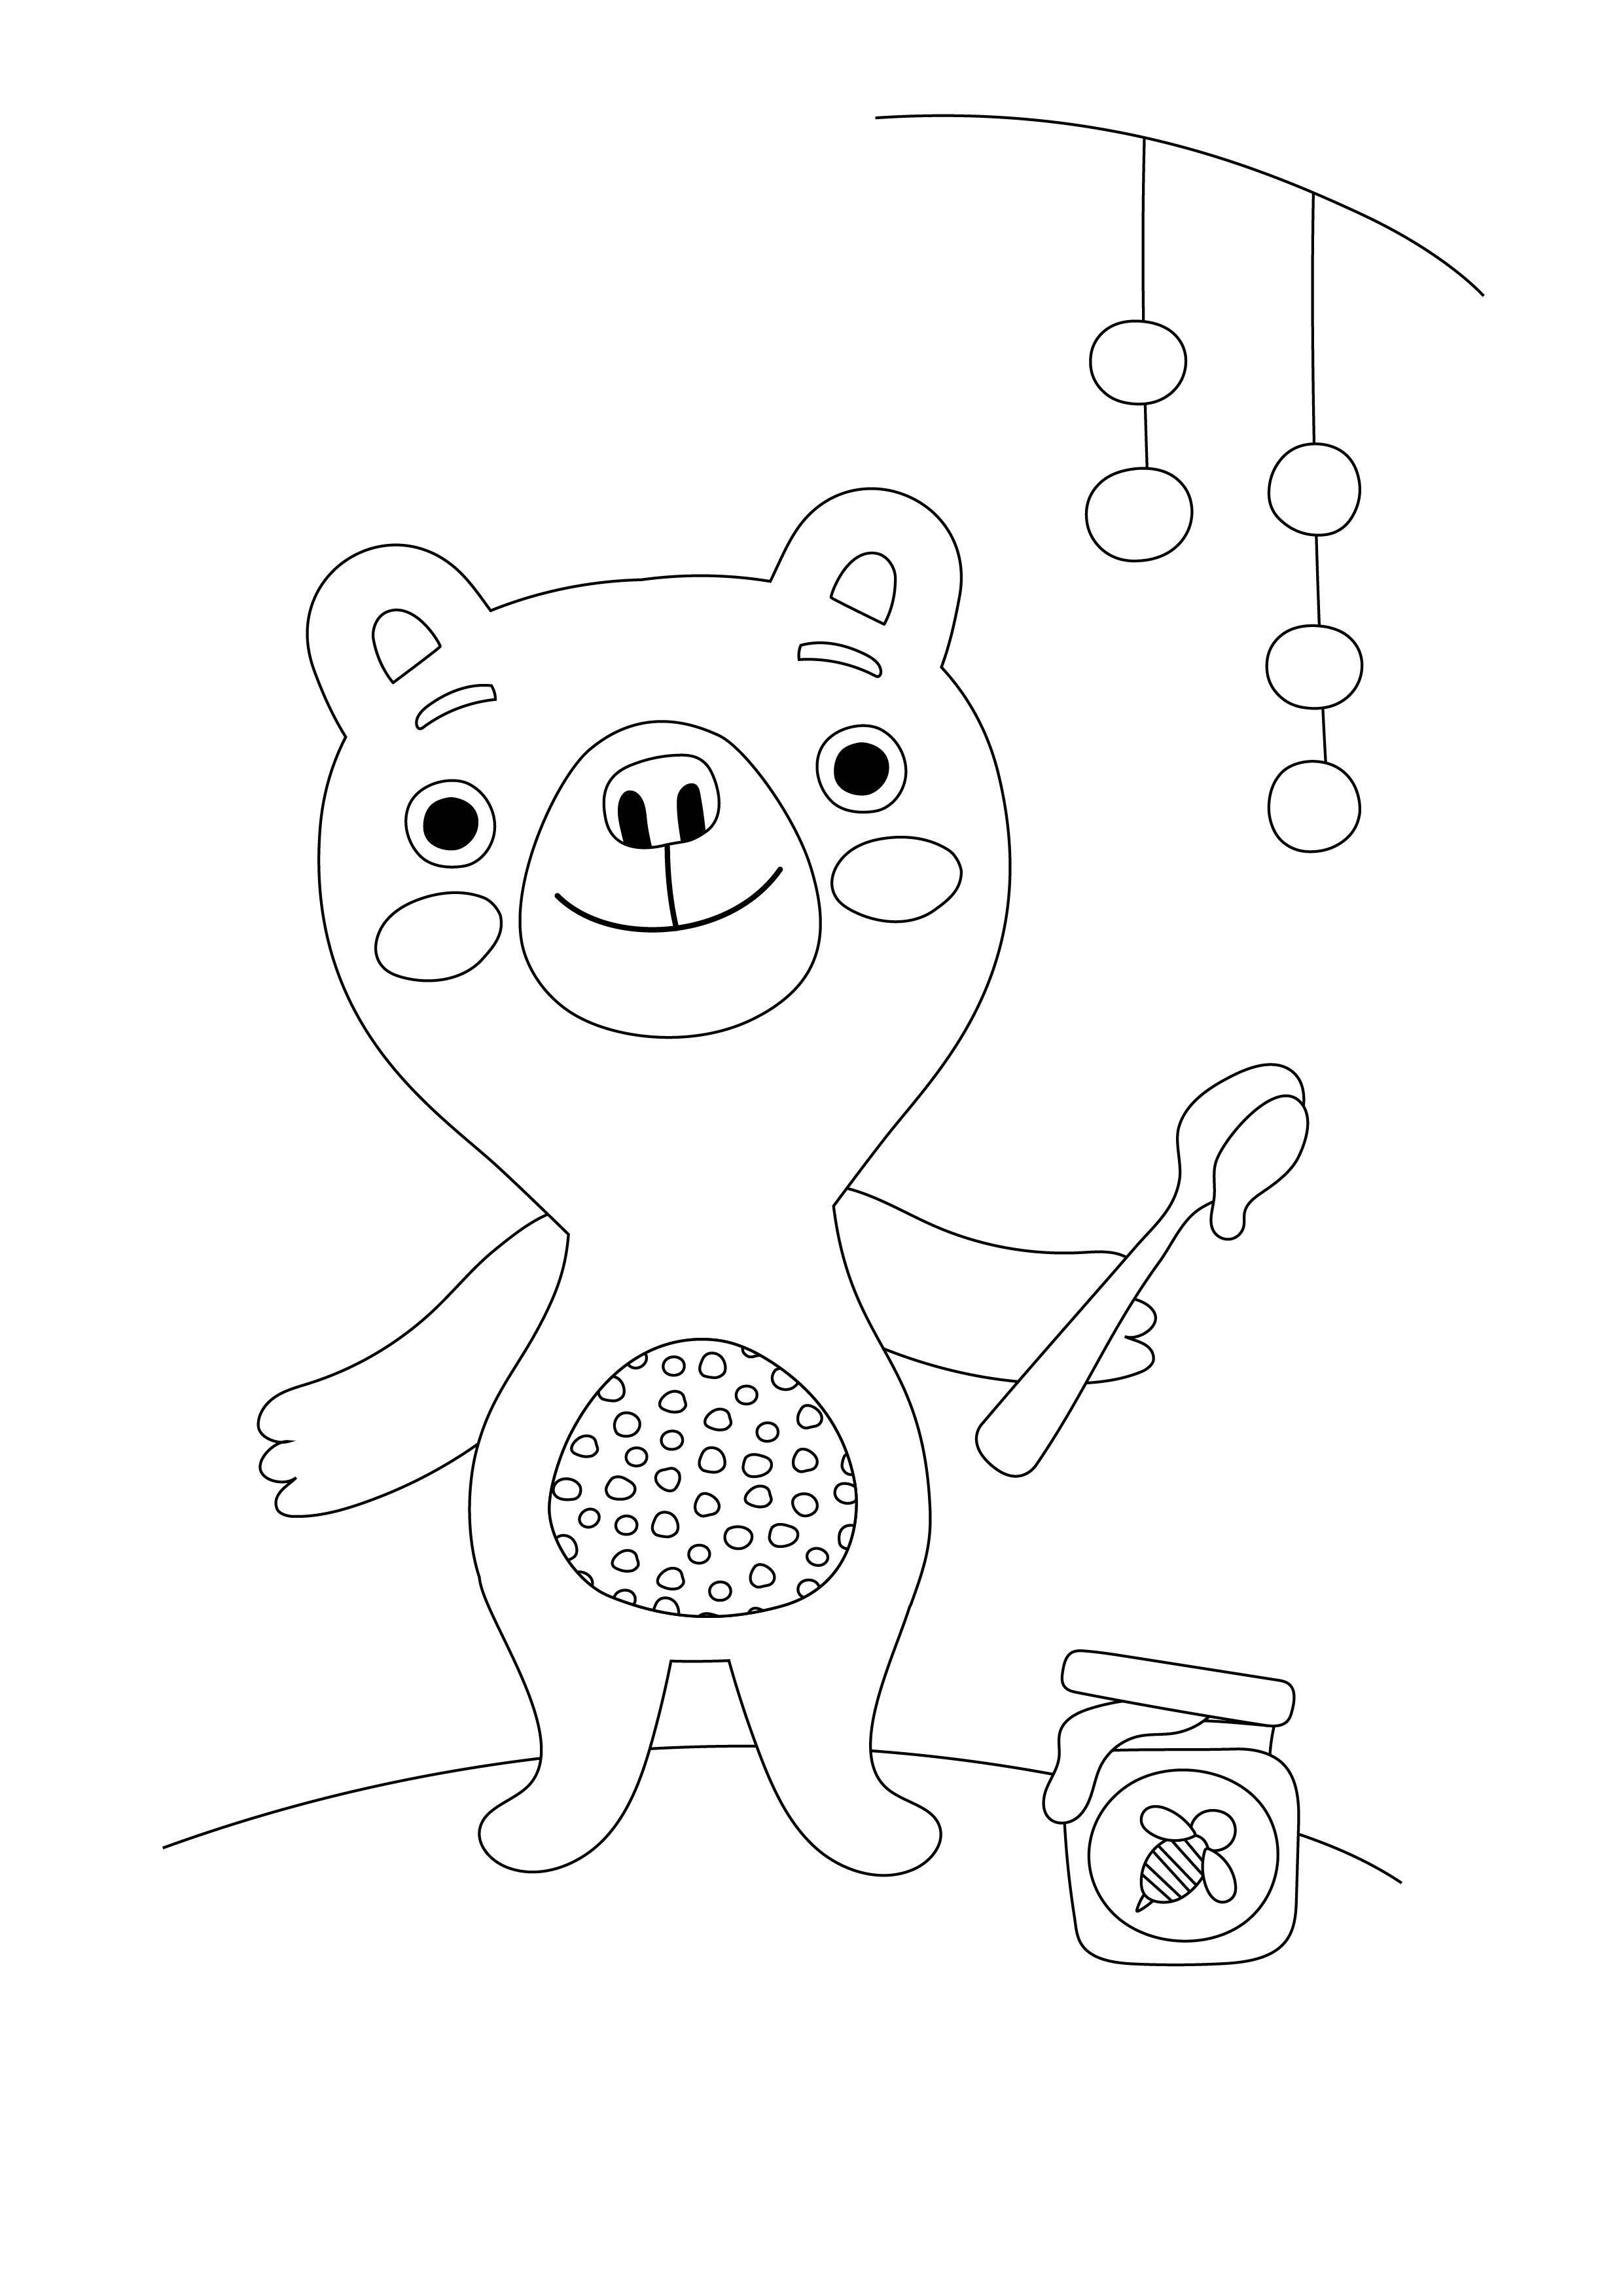 Värityskuva | free printable pattern | lasten | lapset | joulu ...